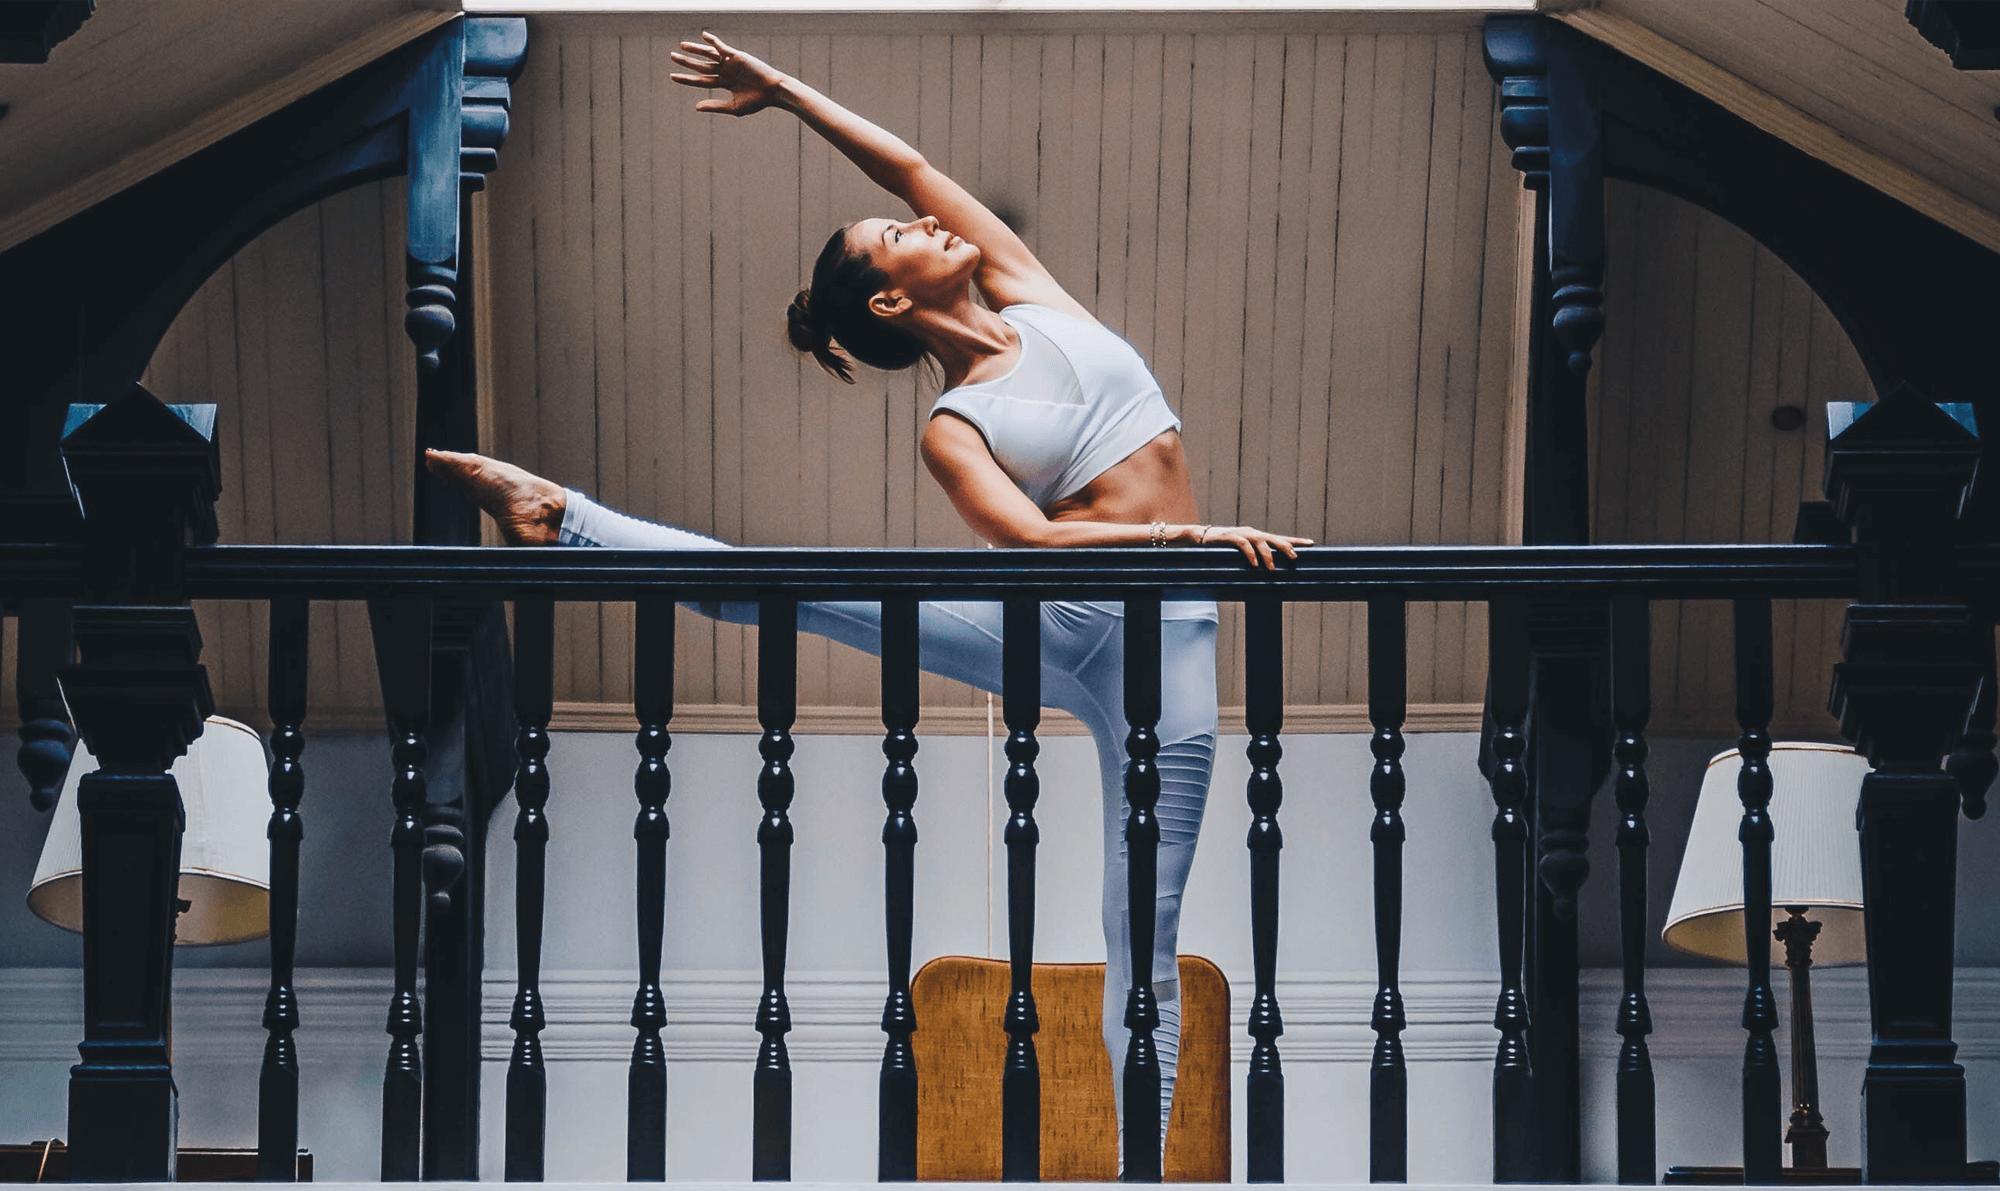 Image shows flexible ballerina